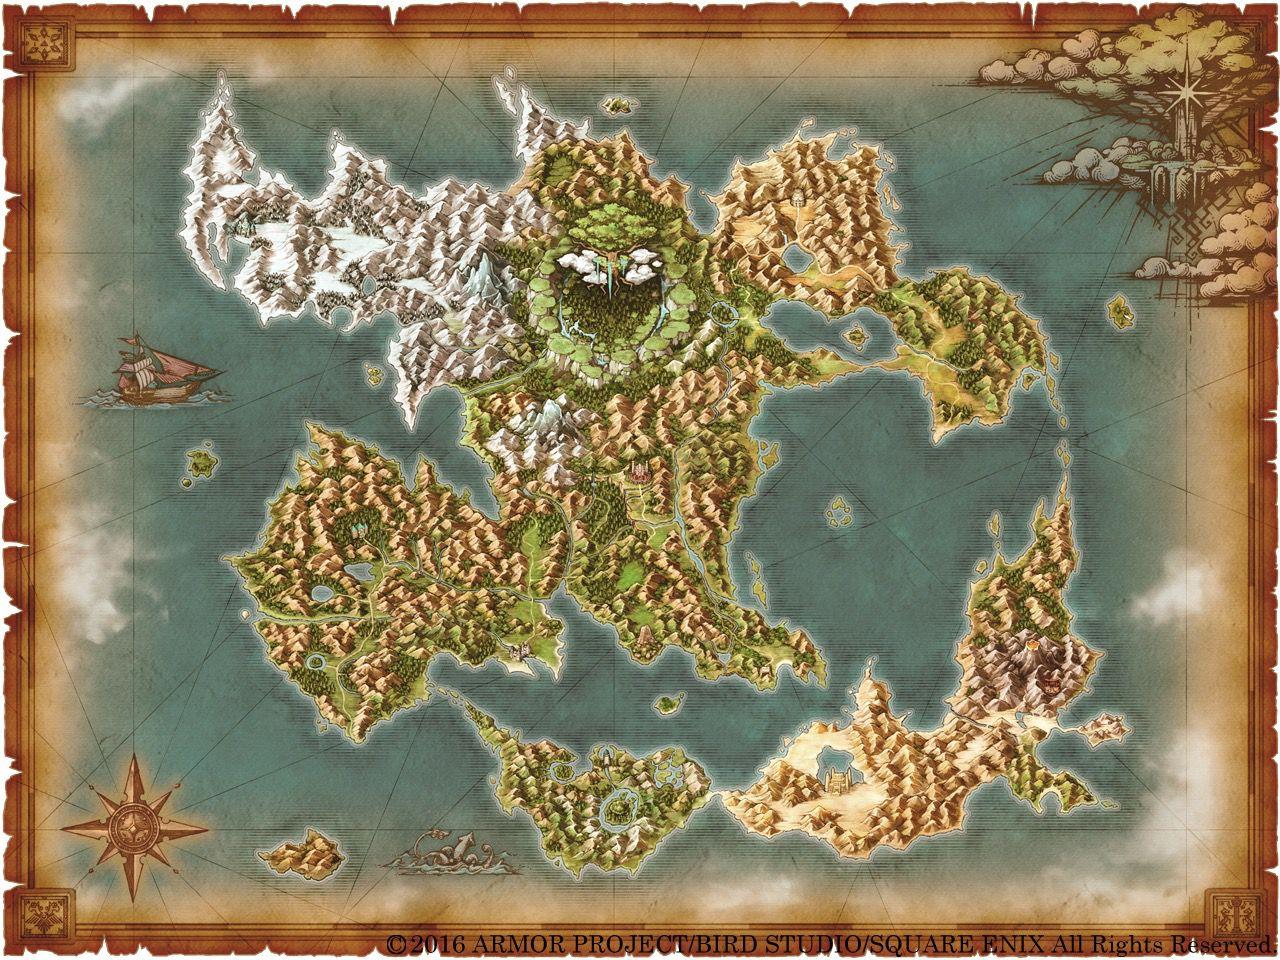 【悲報】ドラクエ11のワールドマップが実は物凄く狭いんじゃないか疑惑浮上【DQ11】